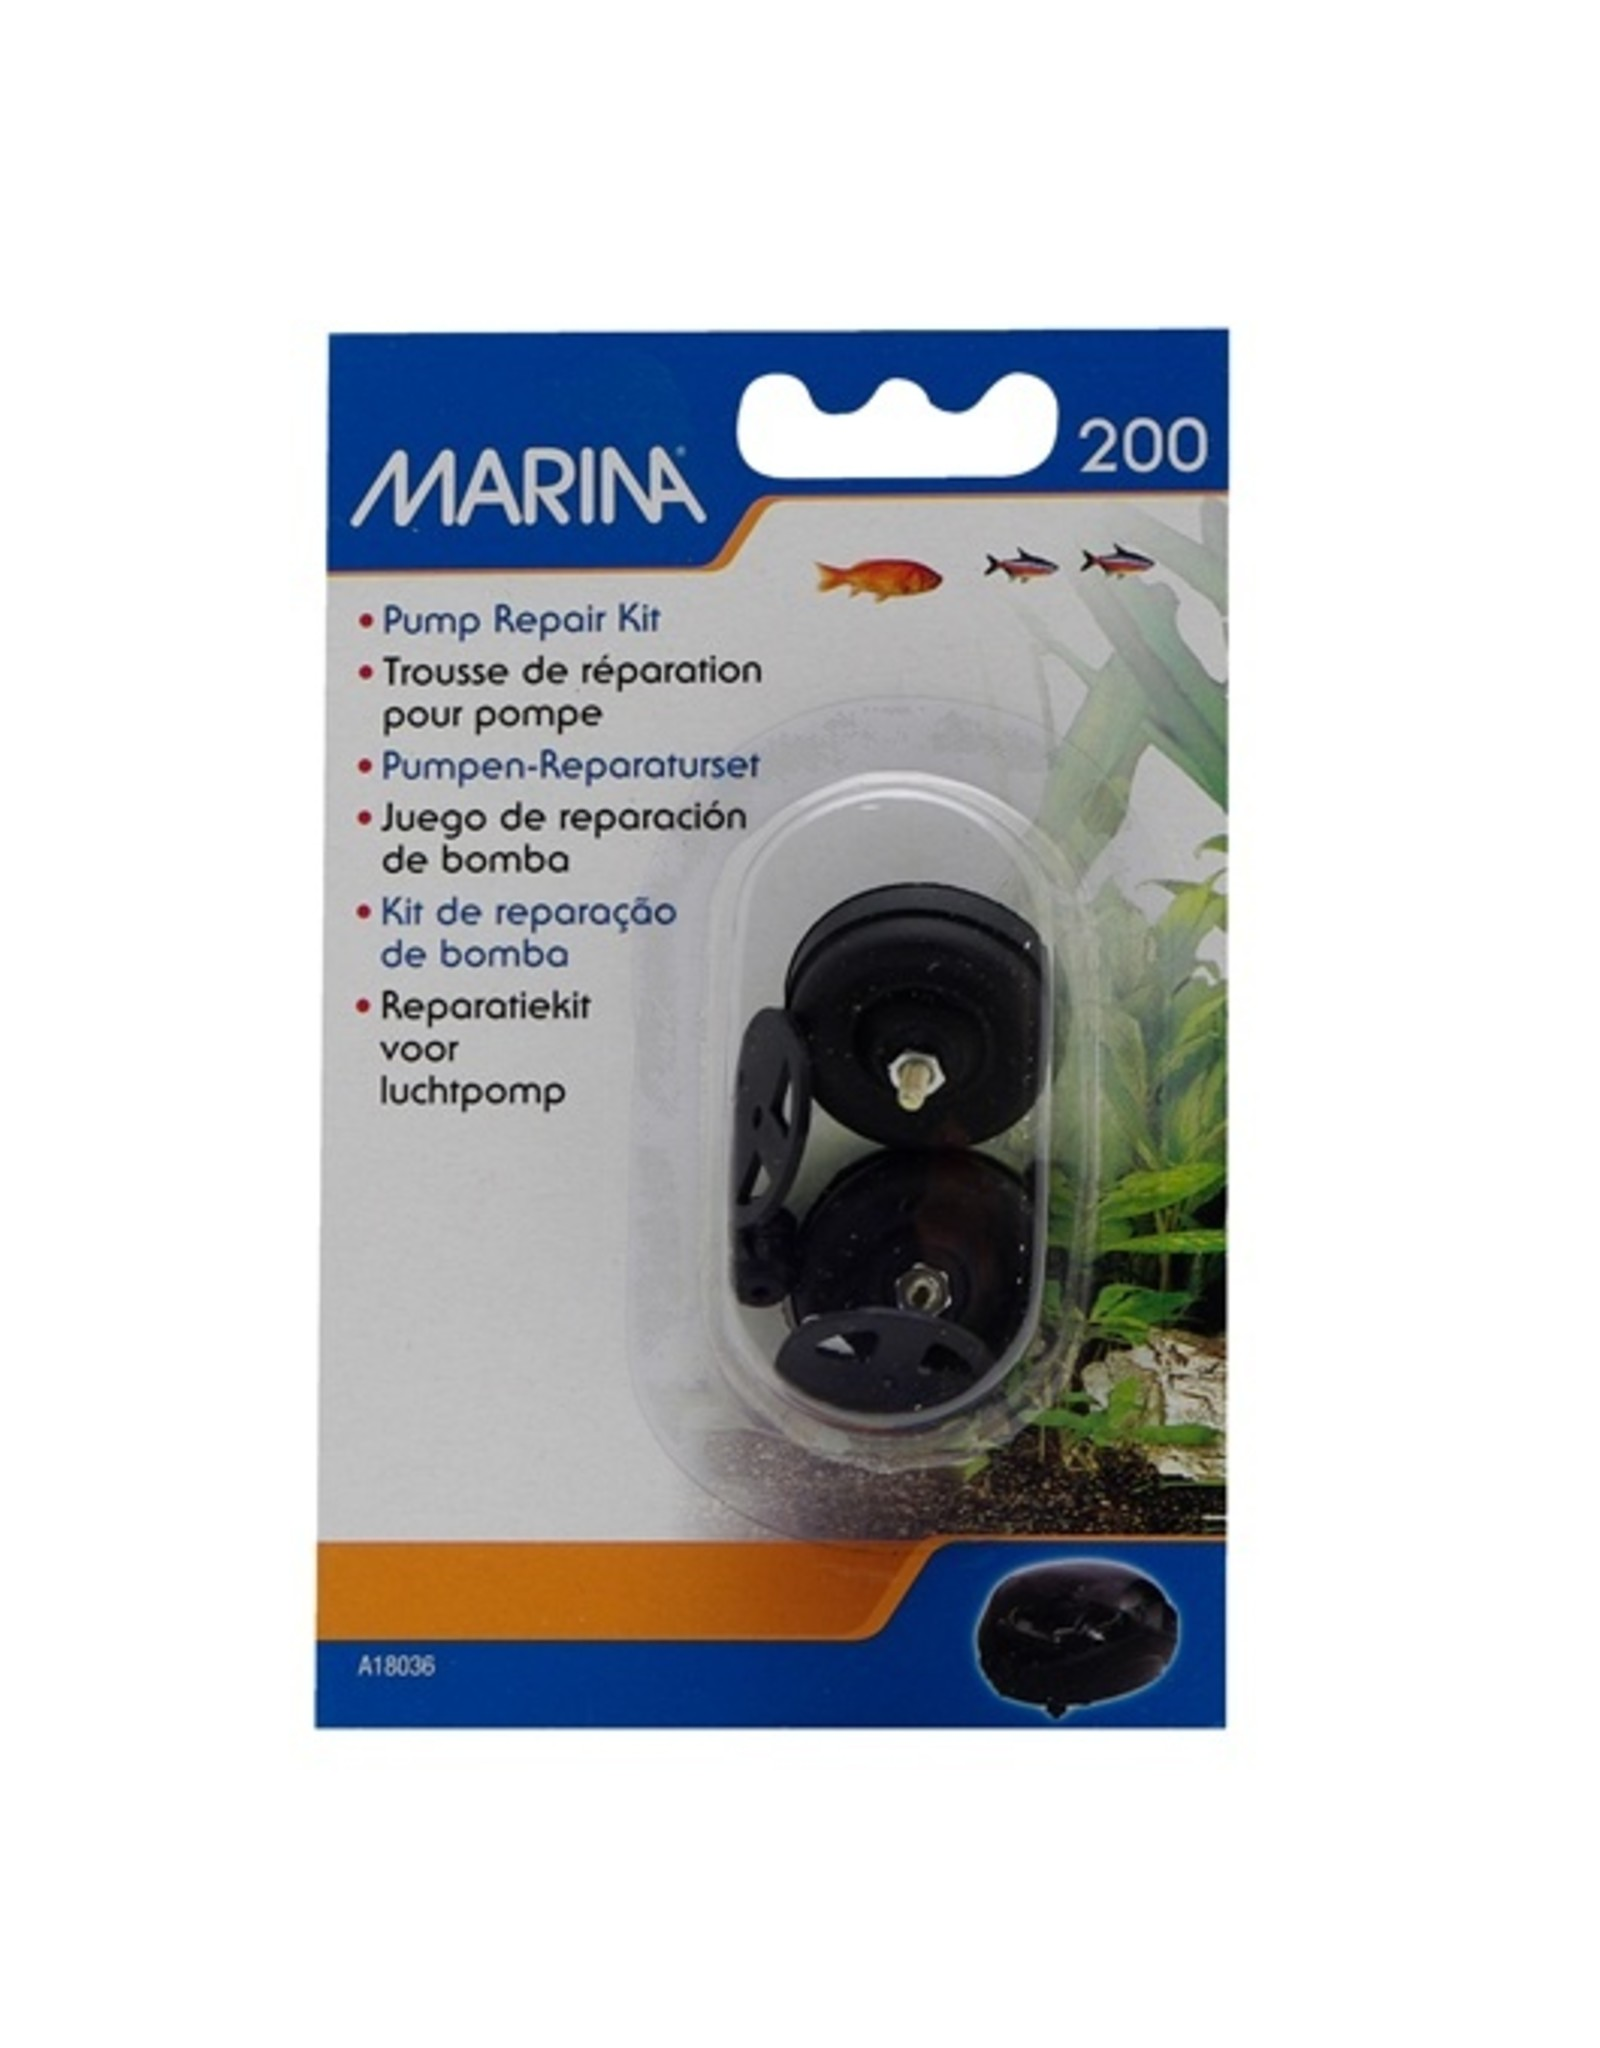 Marina Marina 200 Air Pump Repair Kit